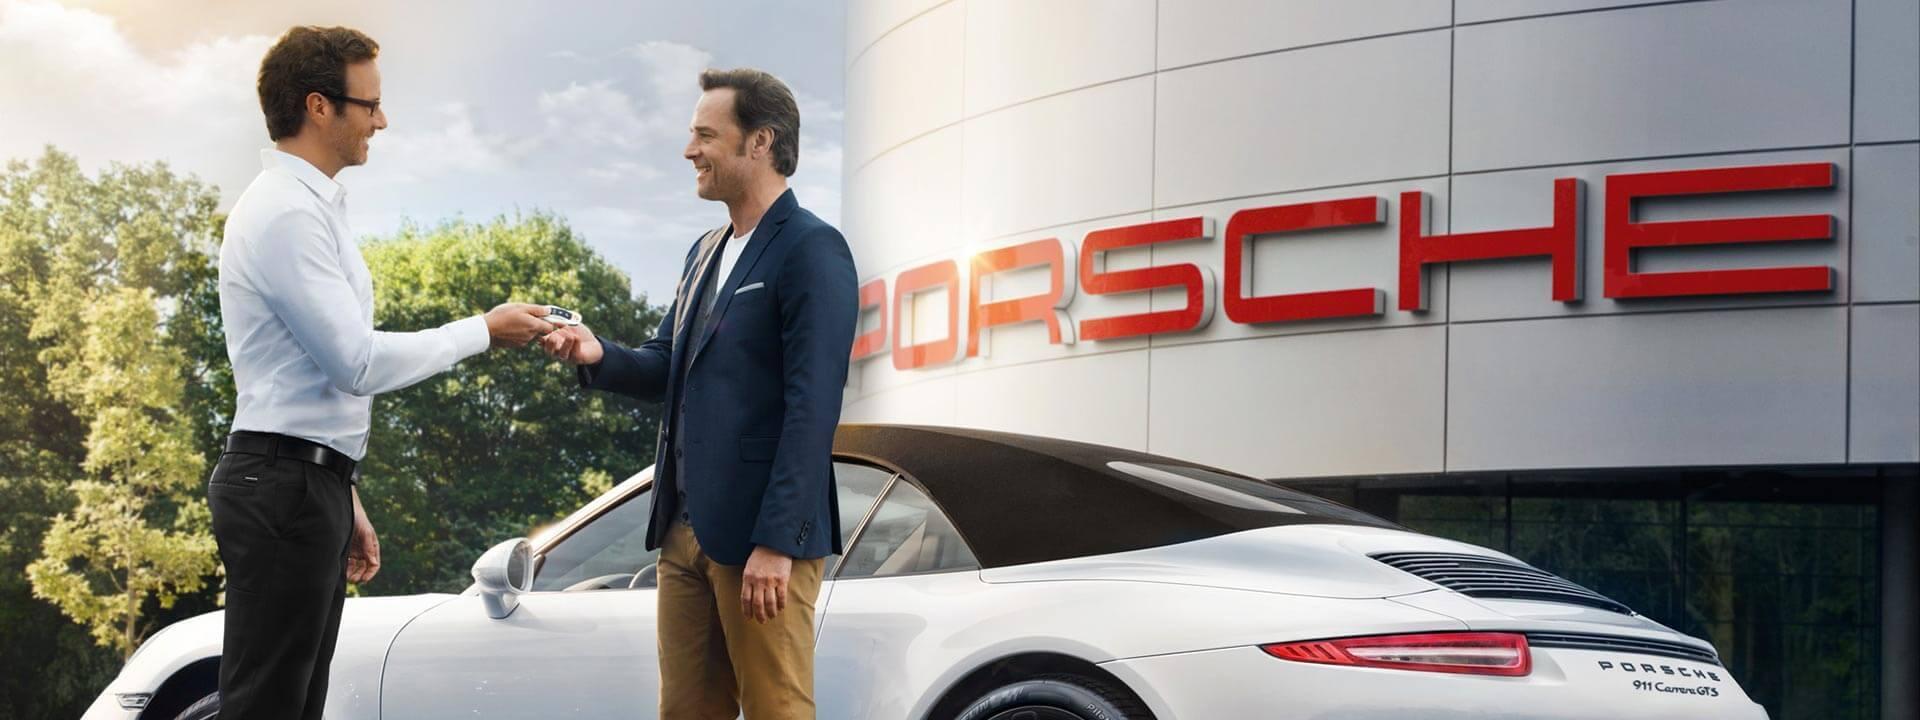 Two men exchanging Porsche keys in Colorado Springs